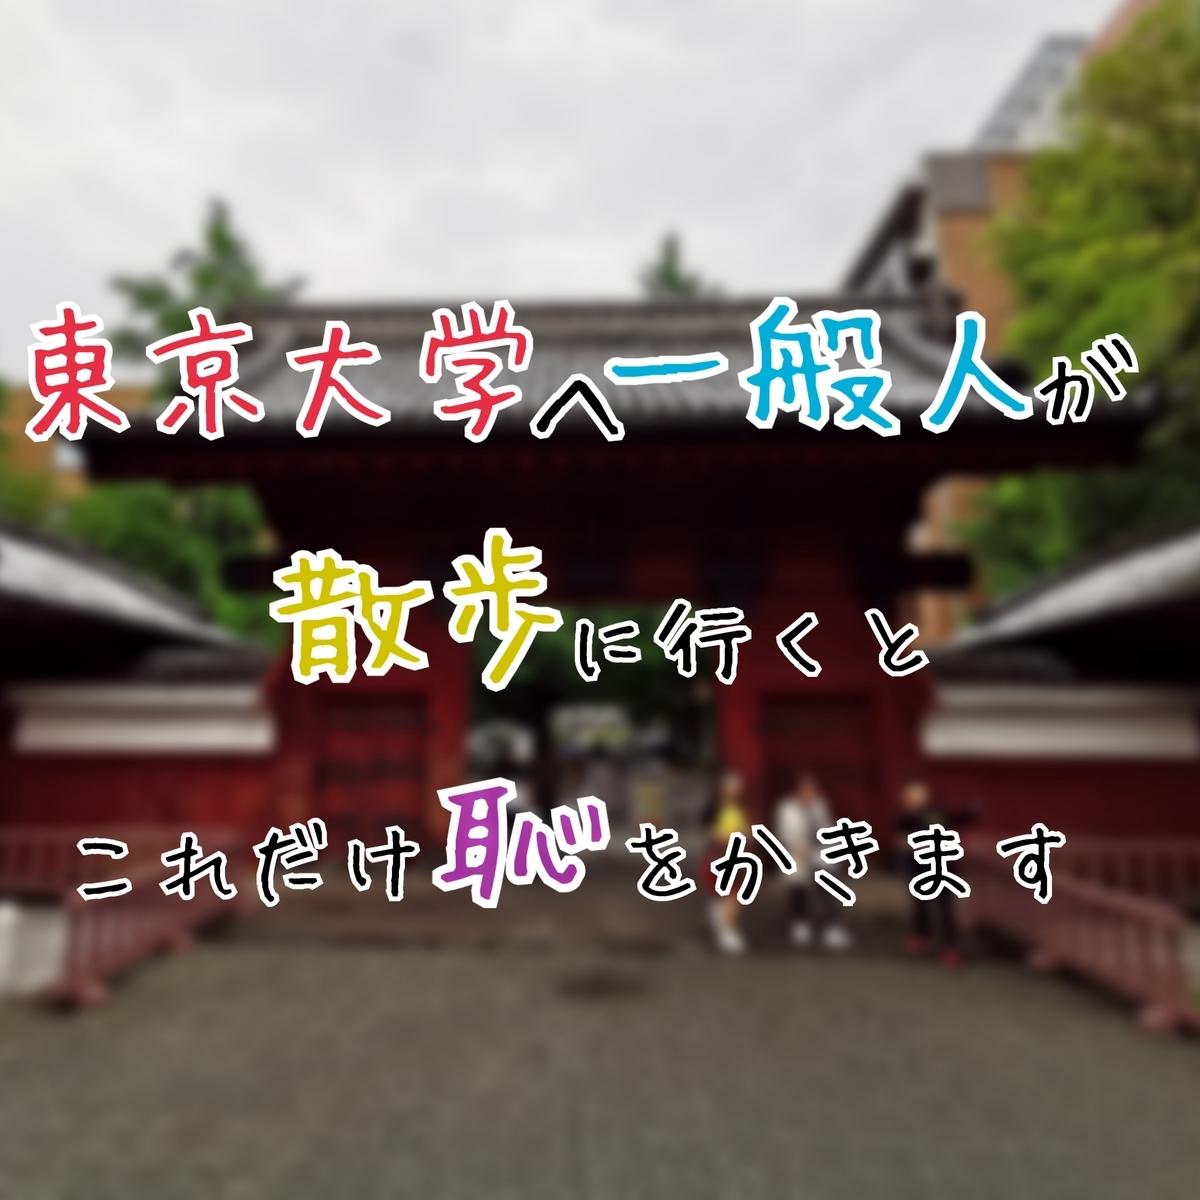 東京大学 一般人 散歩